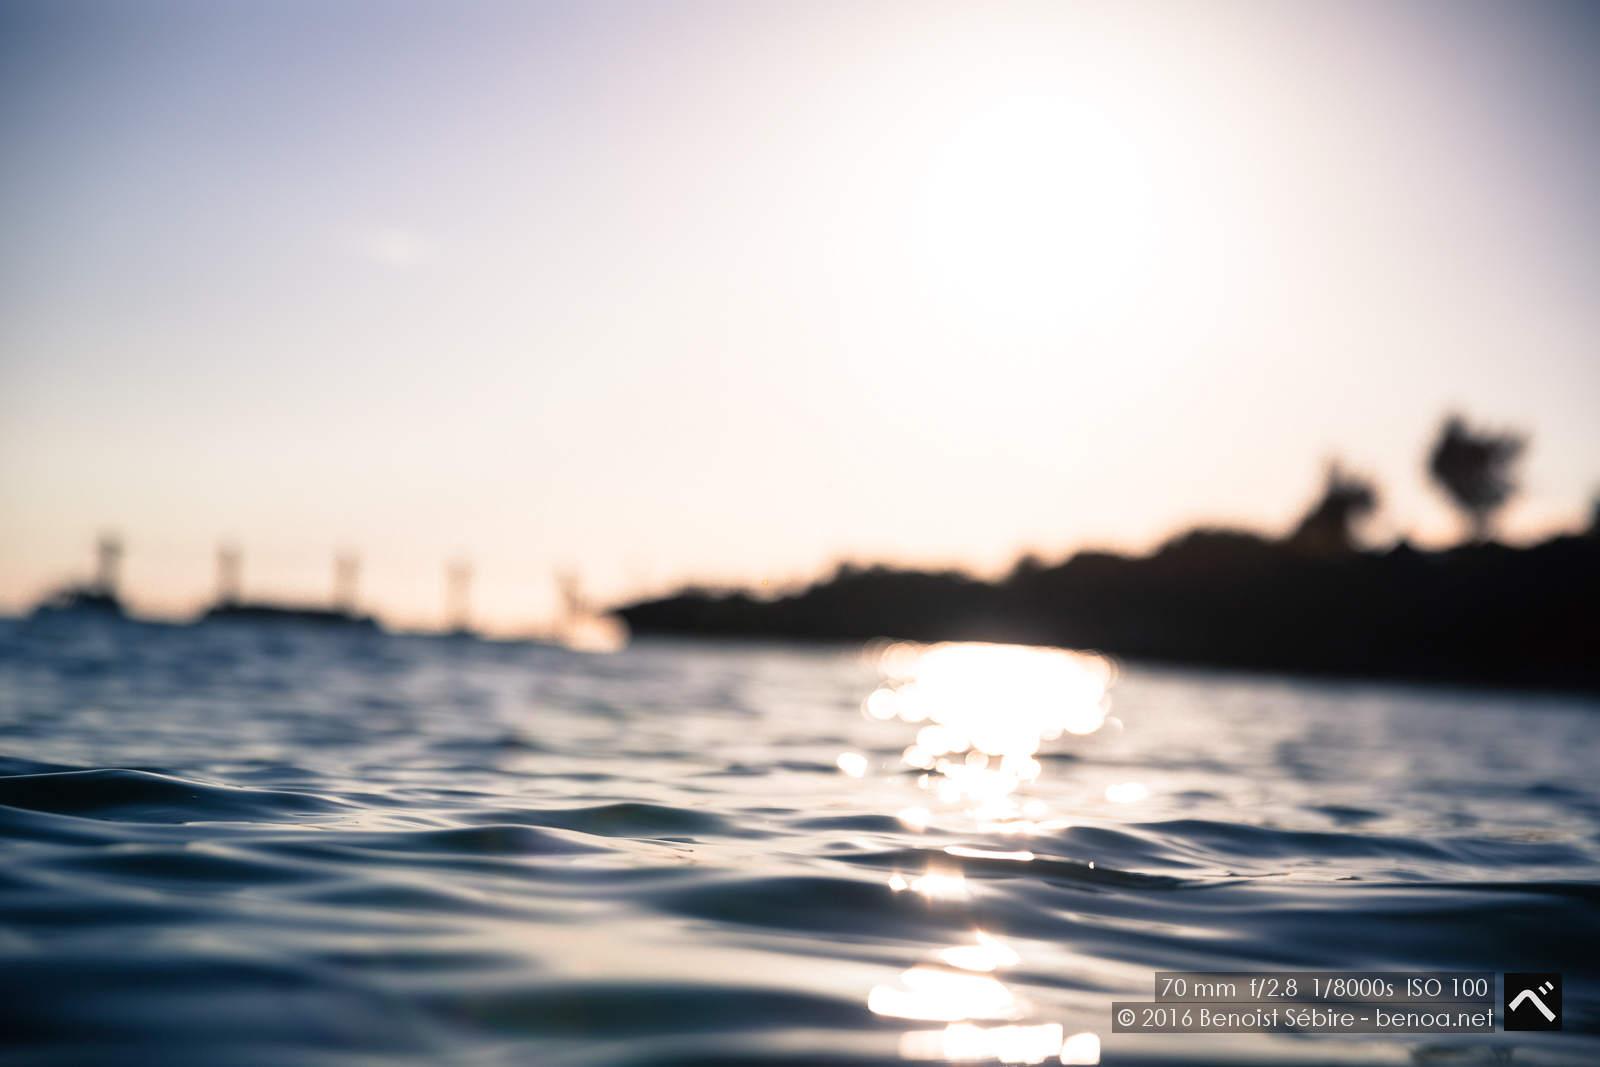 Okinawa Swim